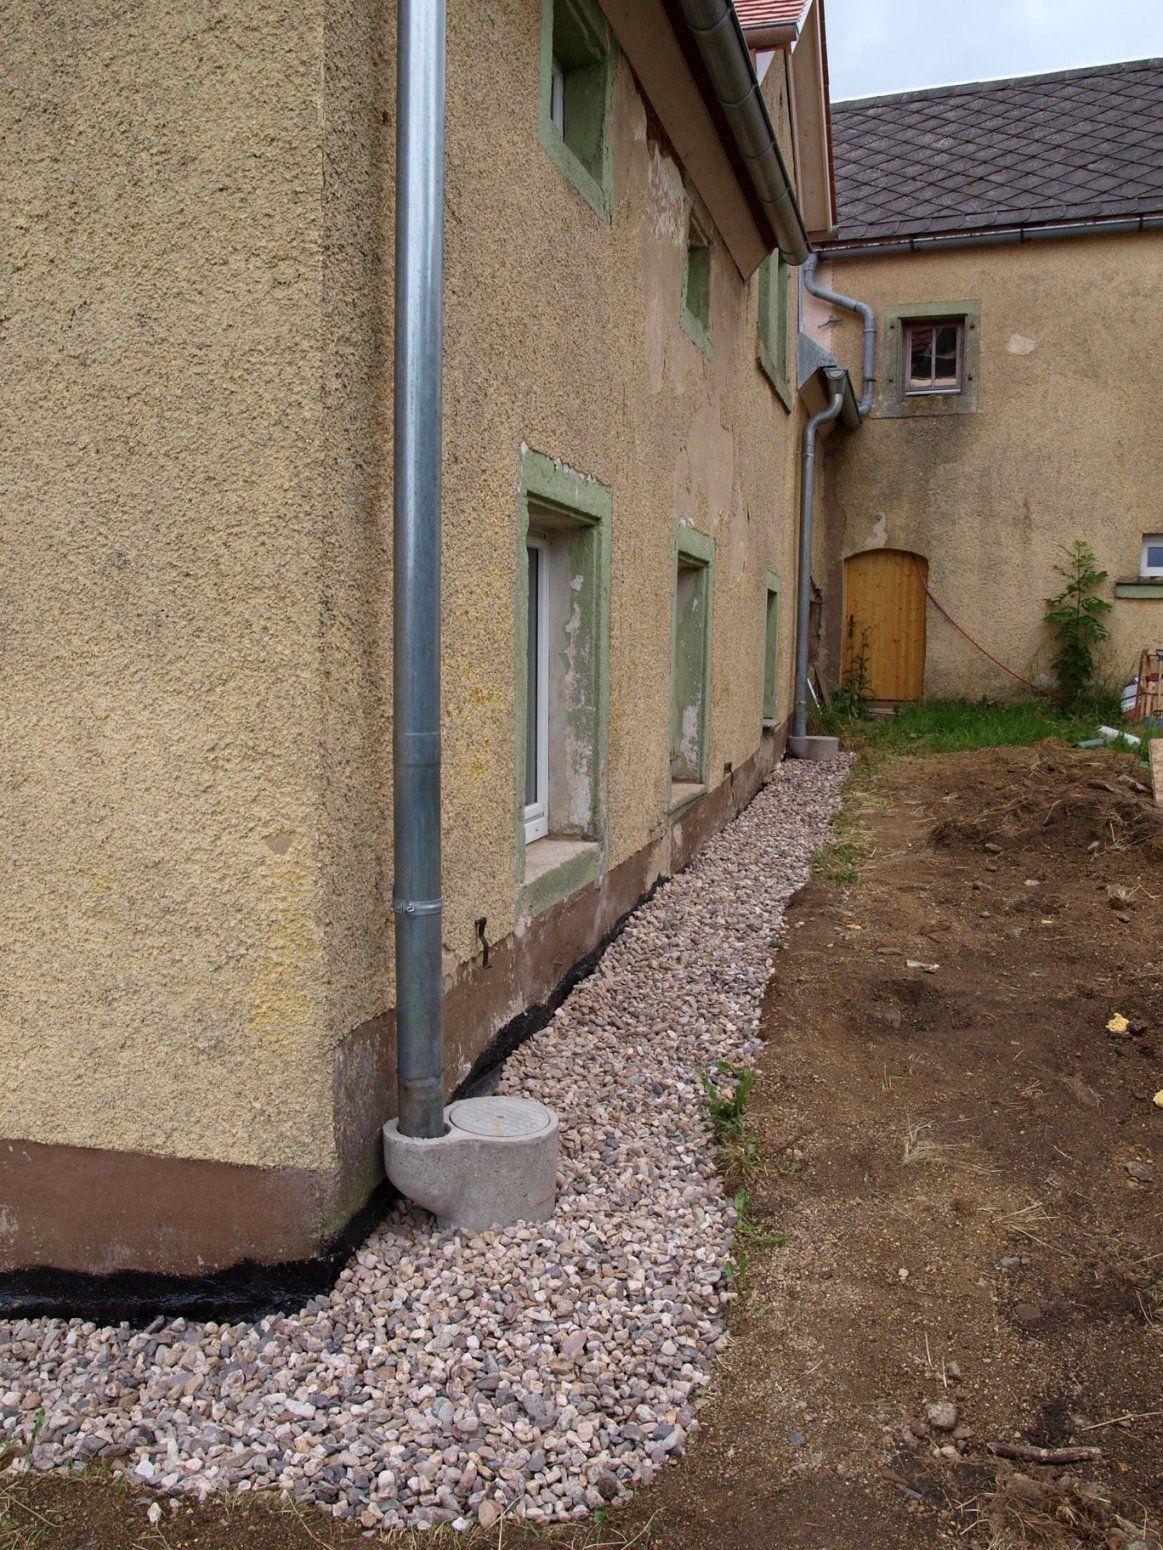 Drainage Haus Frisch Wand Um Drainage Haus Kies F R Drainage Eg von Drainage Ums Haus Kosten Photo